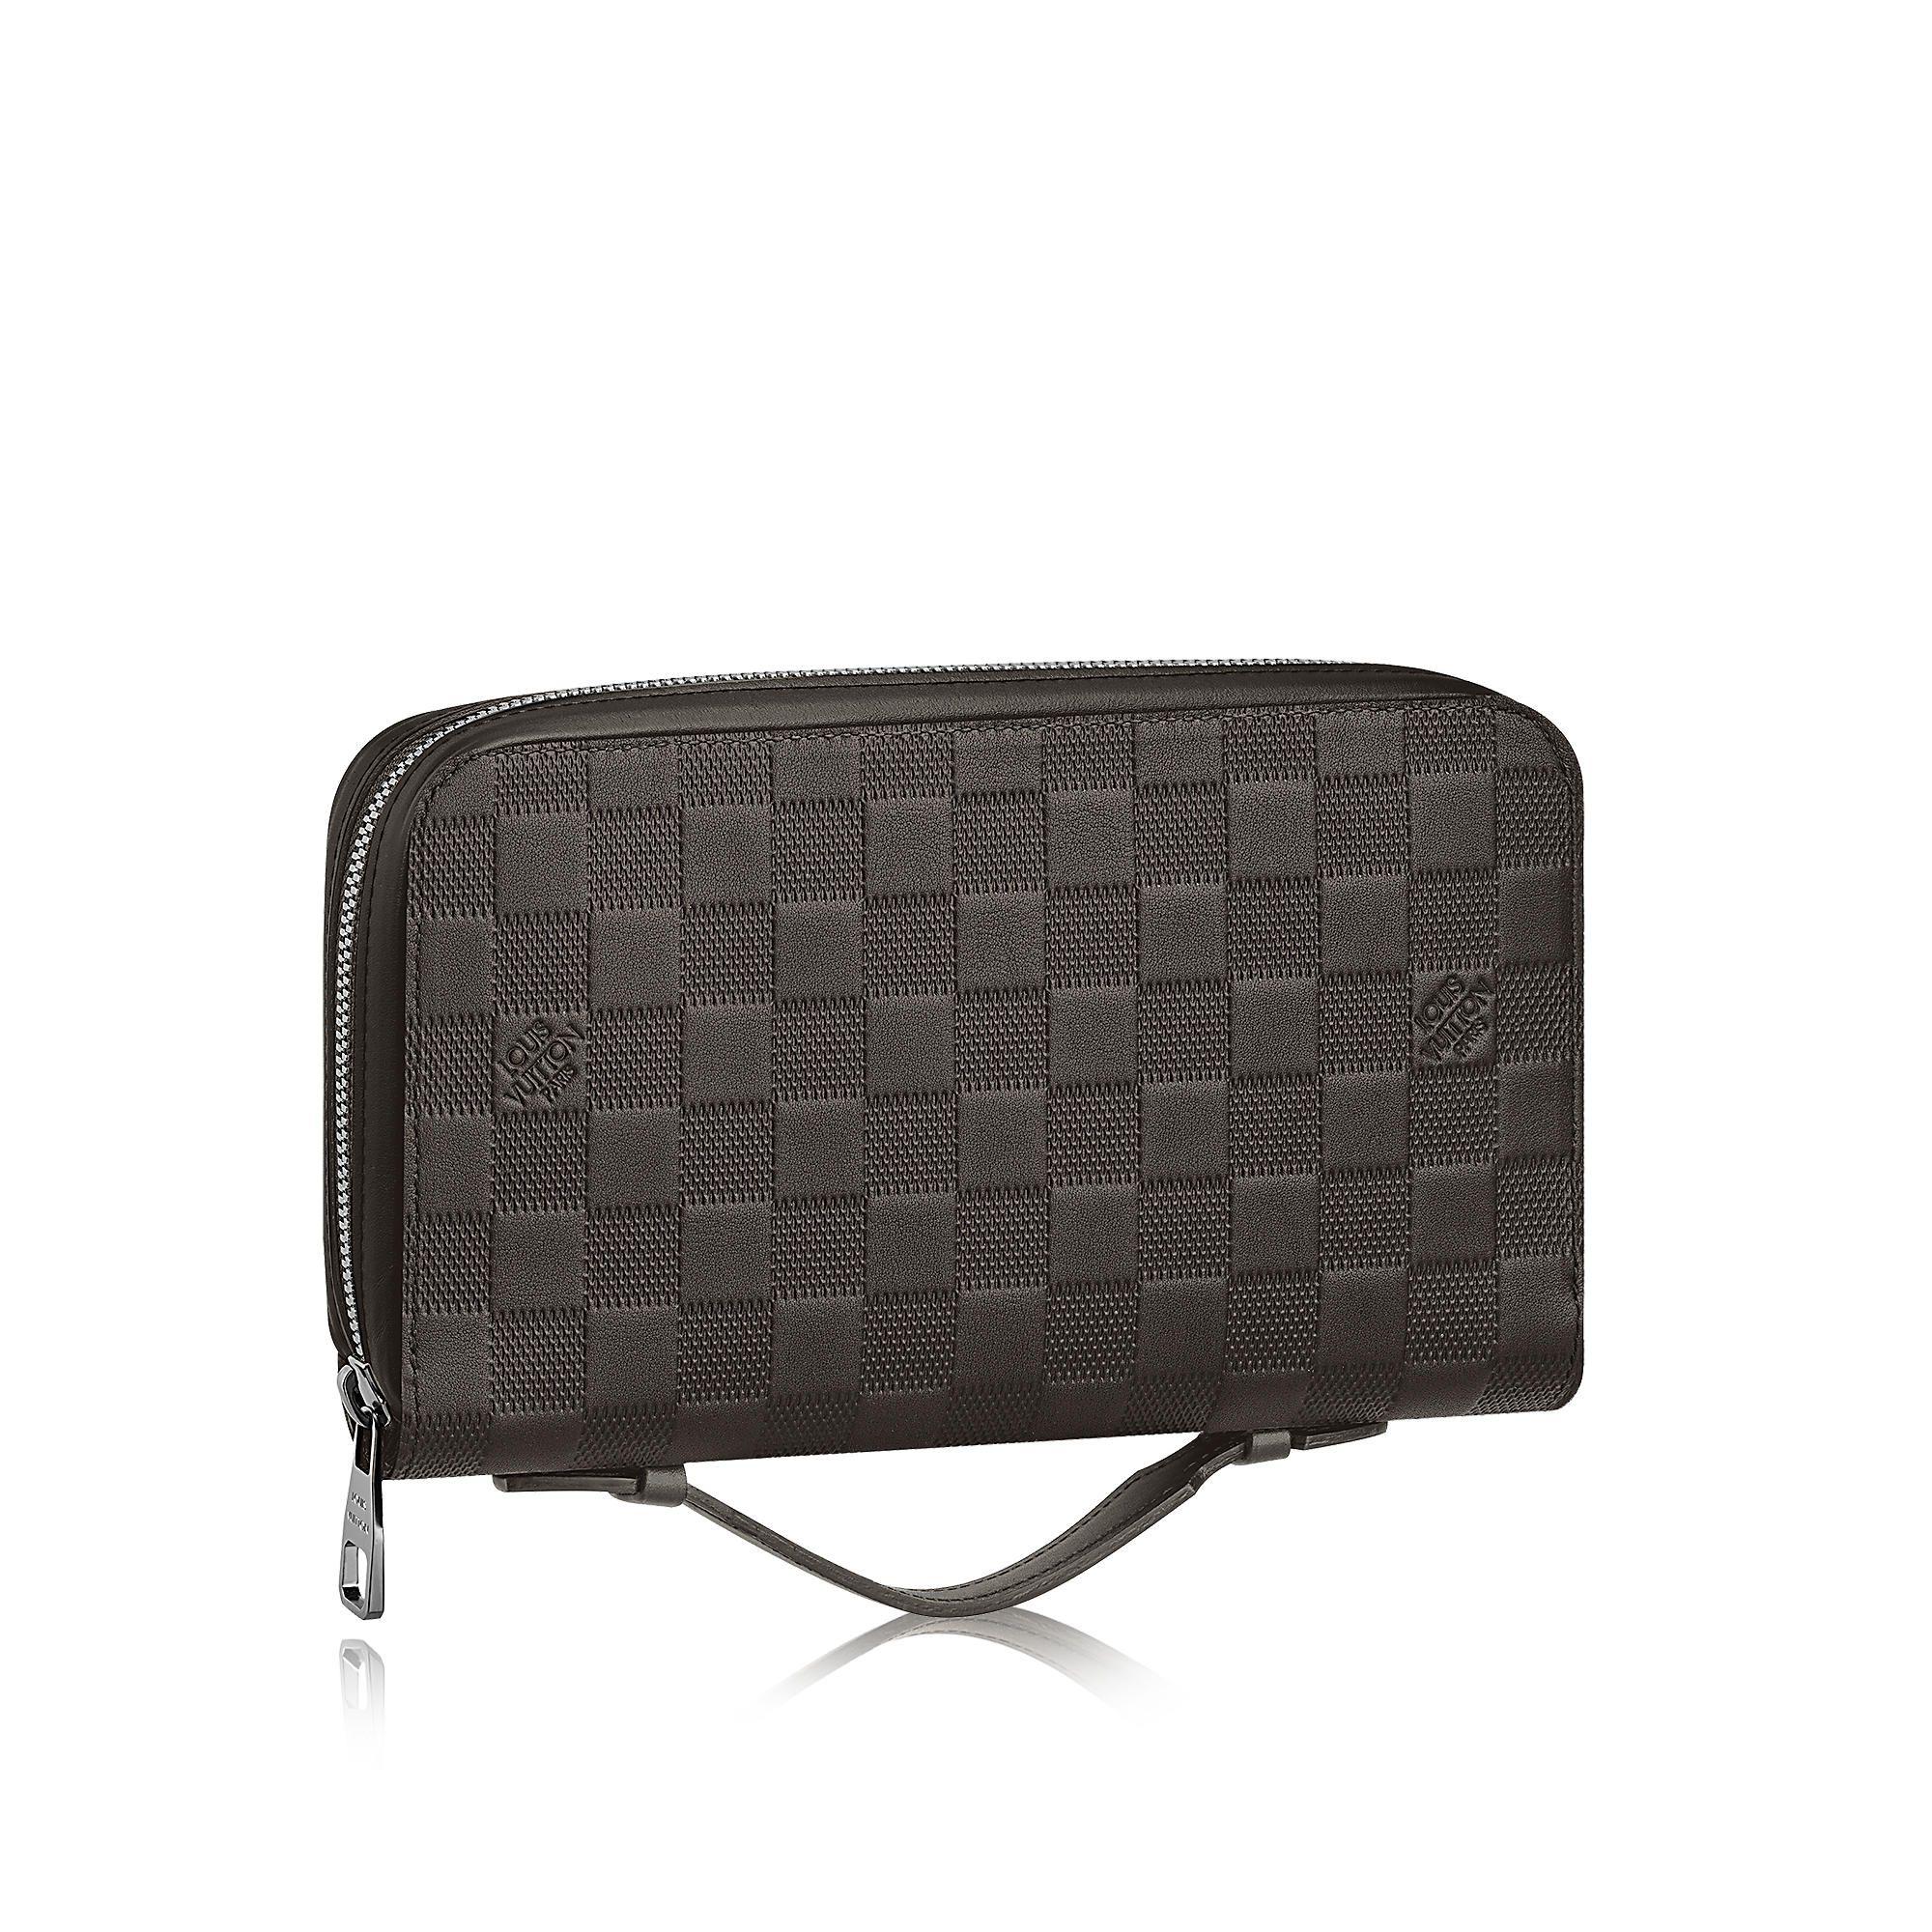 Découvrez l incontournable Portefeuille Zippy XL via Louis Vuitton ... 351a9e83d12